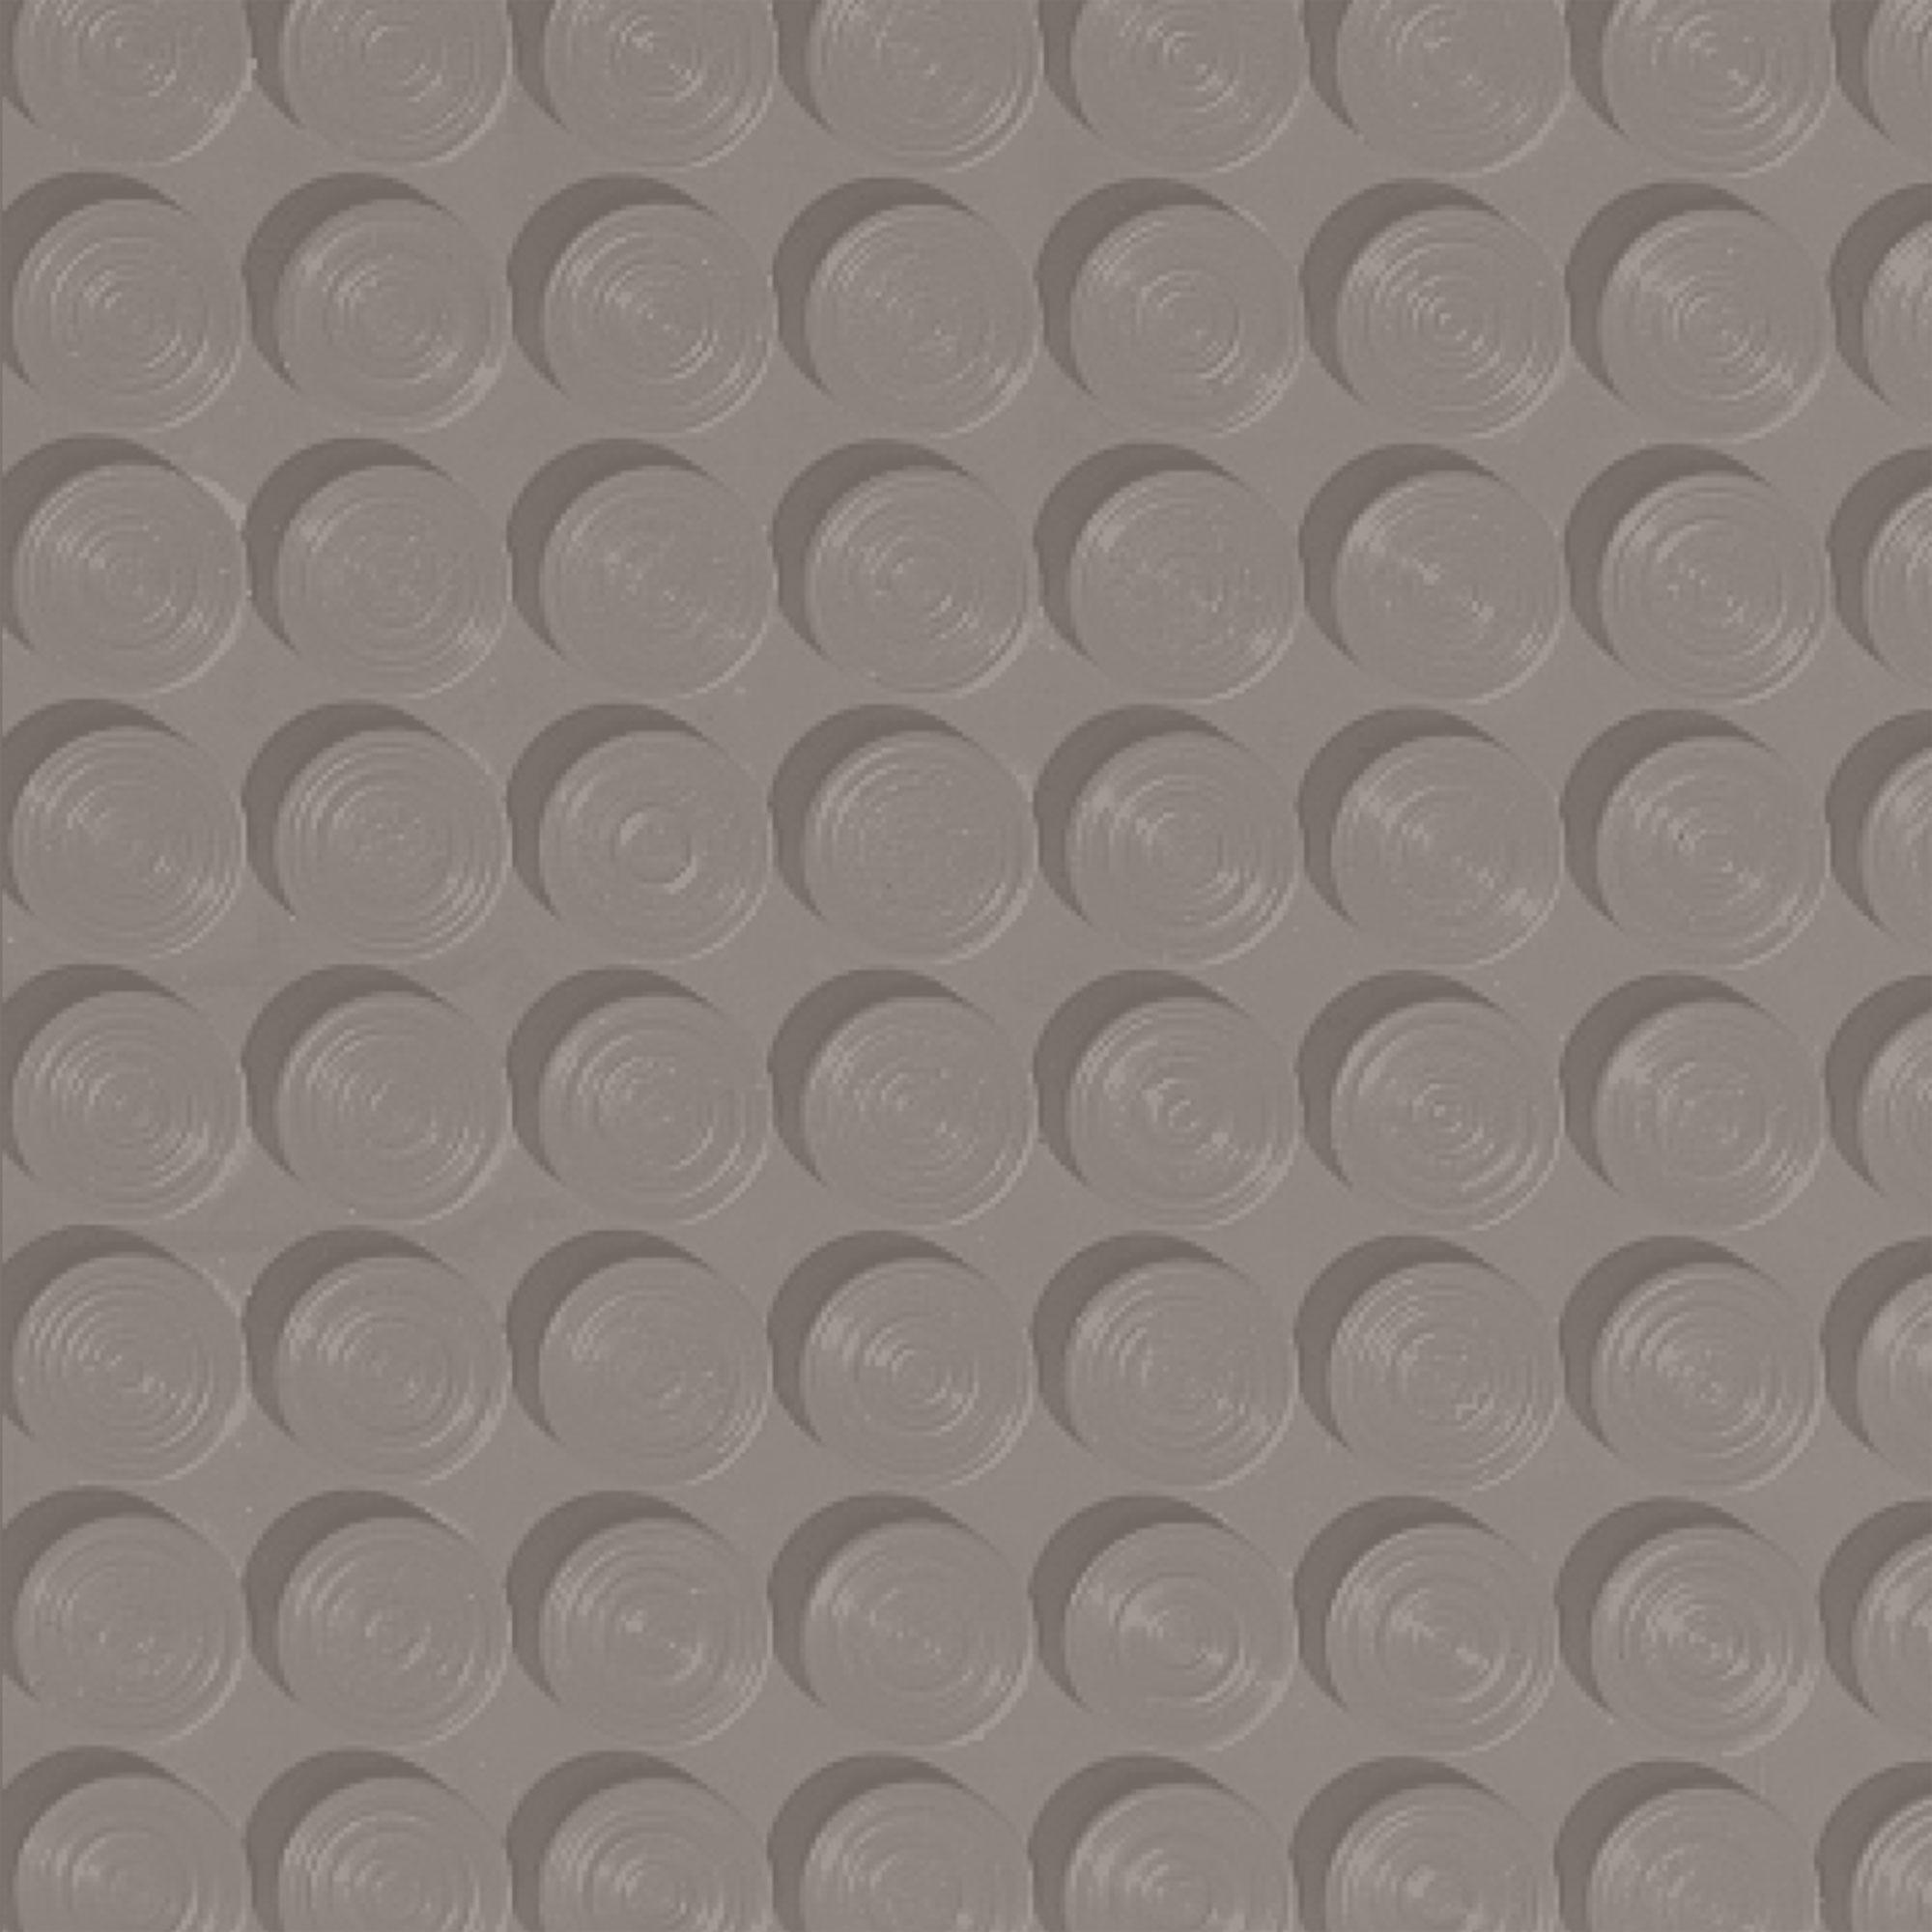 Roppe Rubber Tile 900 - Lug Back Vantage Design (LB996) Pewter Rubber Flooring